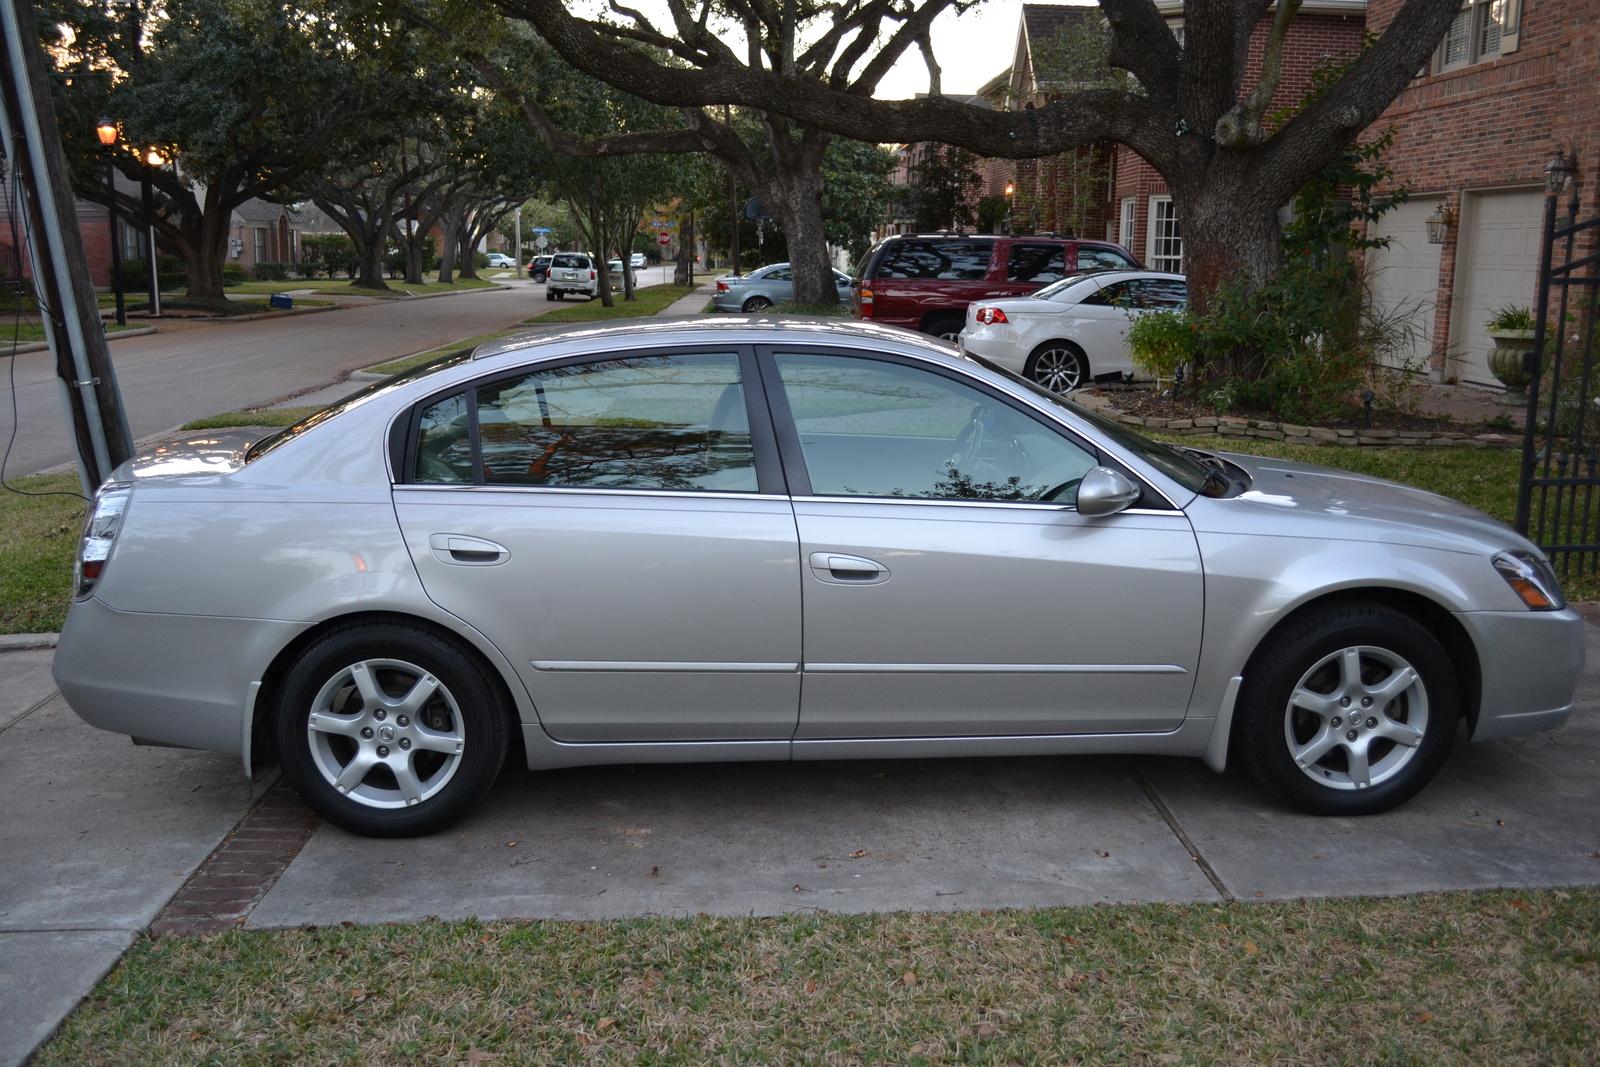 Nissan Altima 2000 Price 2006 Nissan Altima - Exterior Pictures - CarGurus